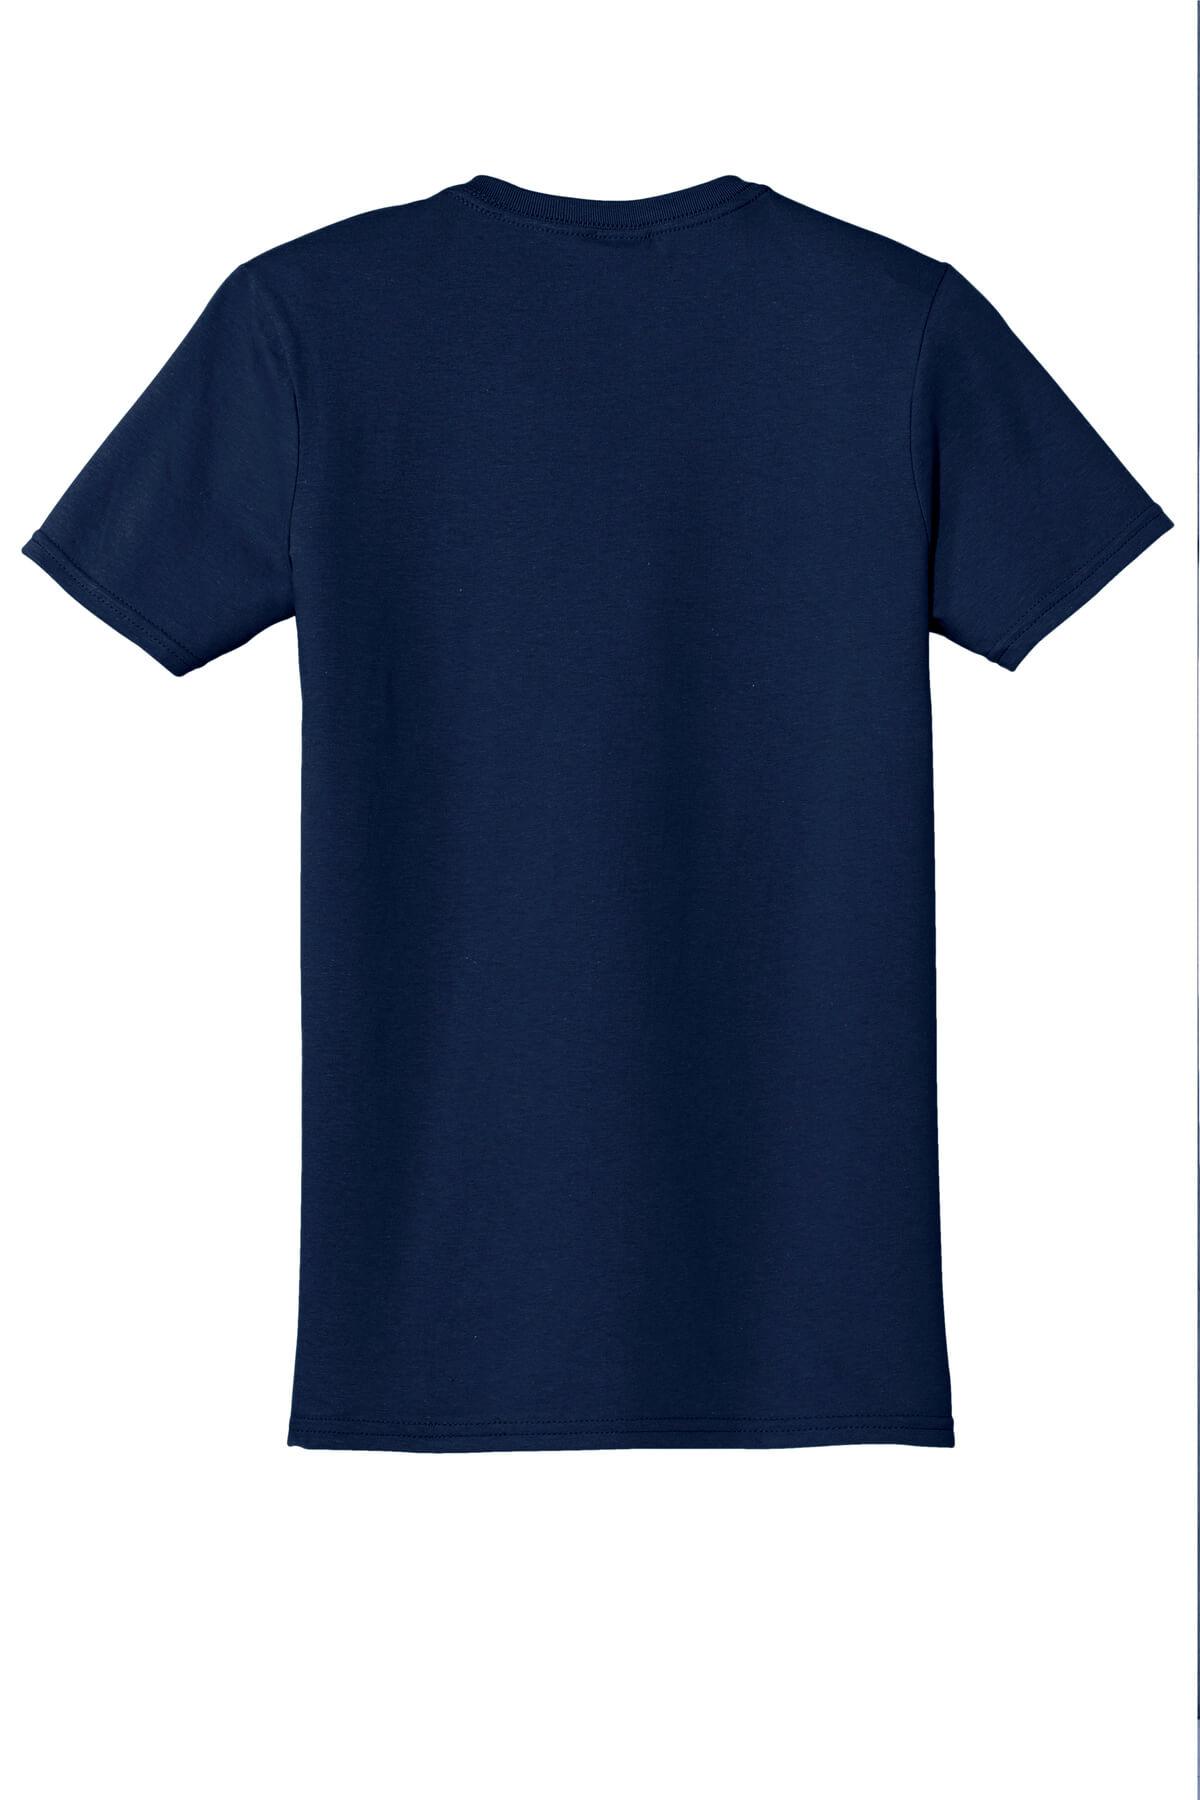 Navy T-Shirt Back